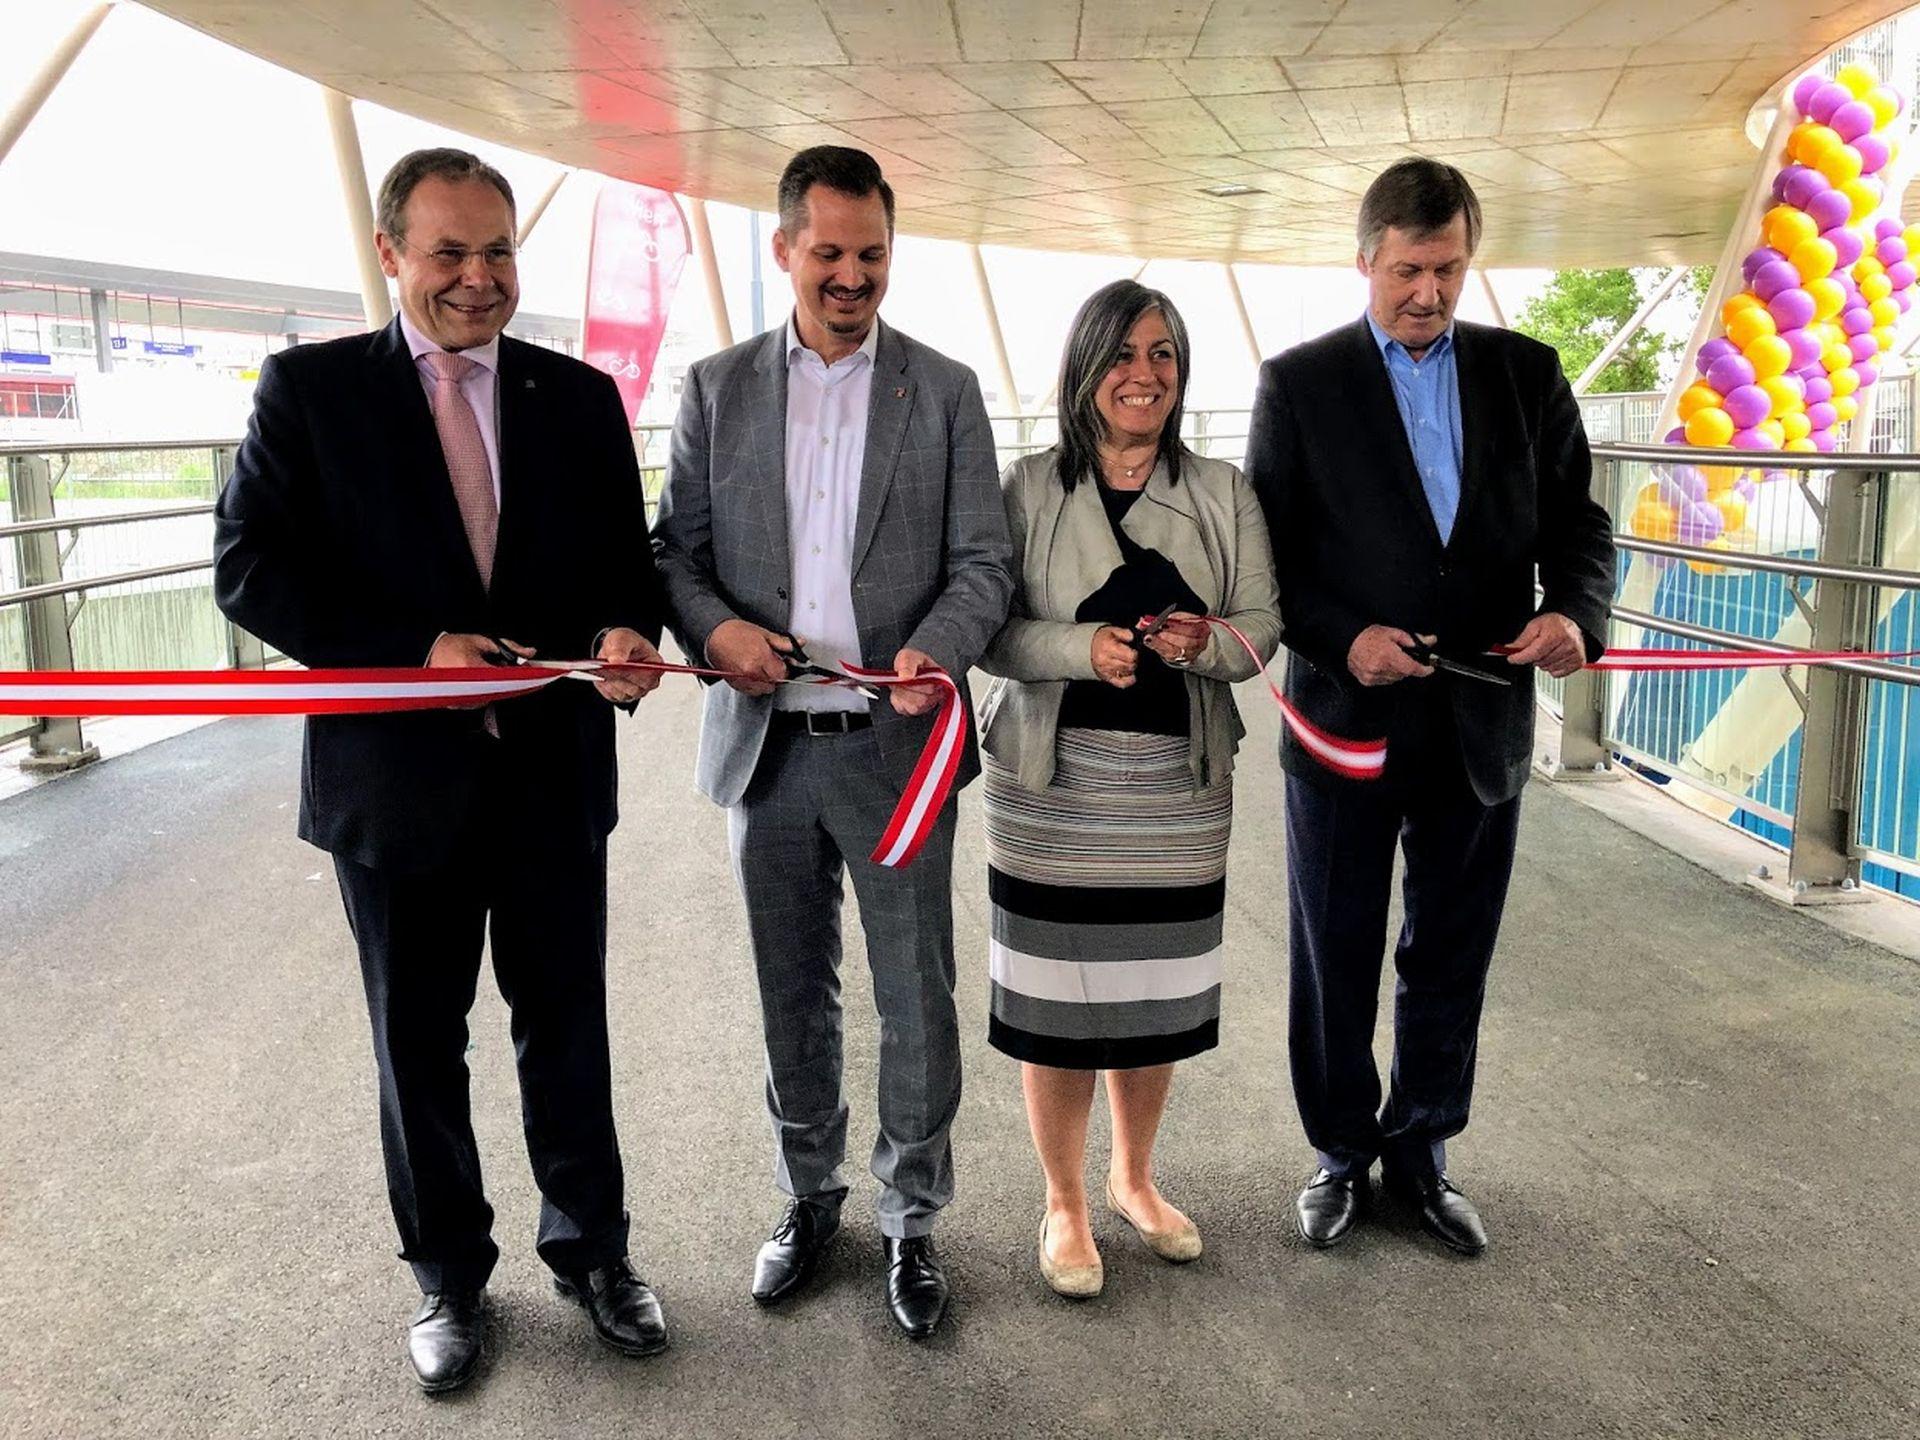 Eröffnung der Südbahnhofbrücke durch Vizebürgermeisterin Maria Vassilakou und die Bezirksvorsteher von Favoriten und Landstraße.